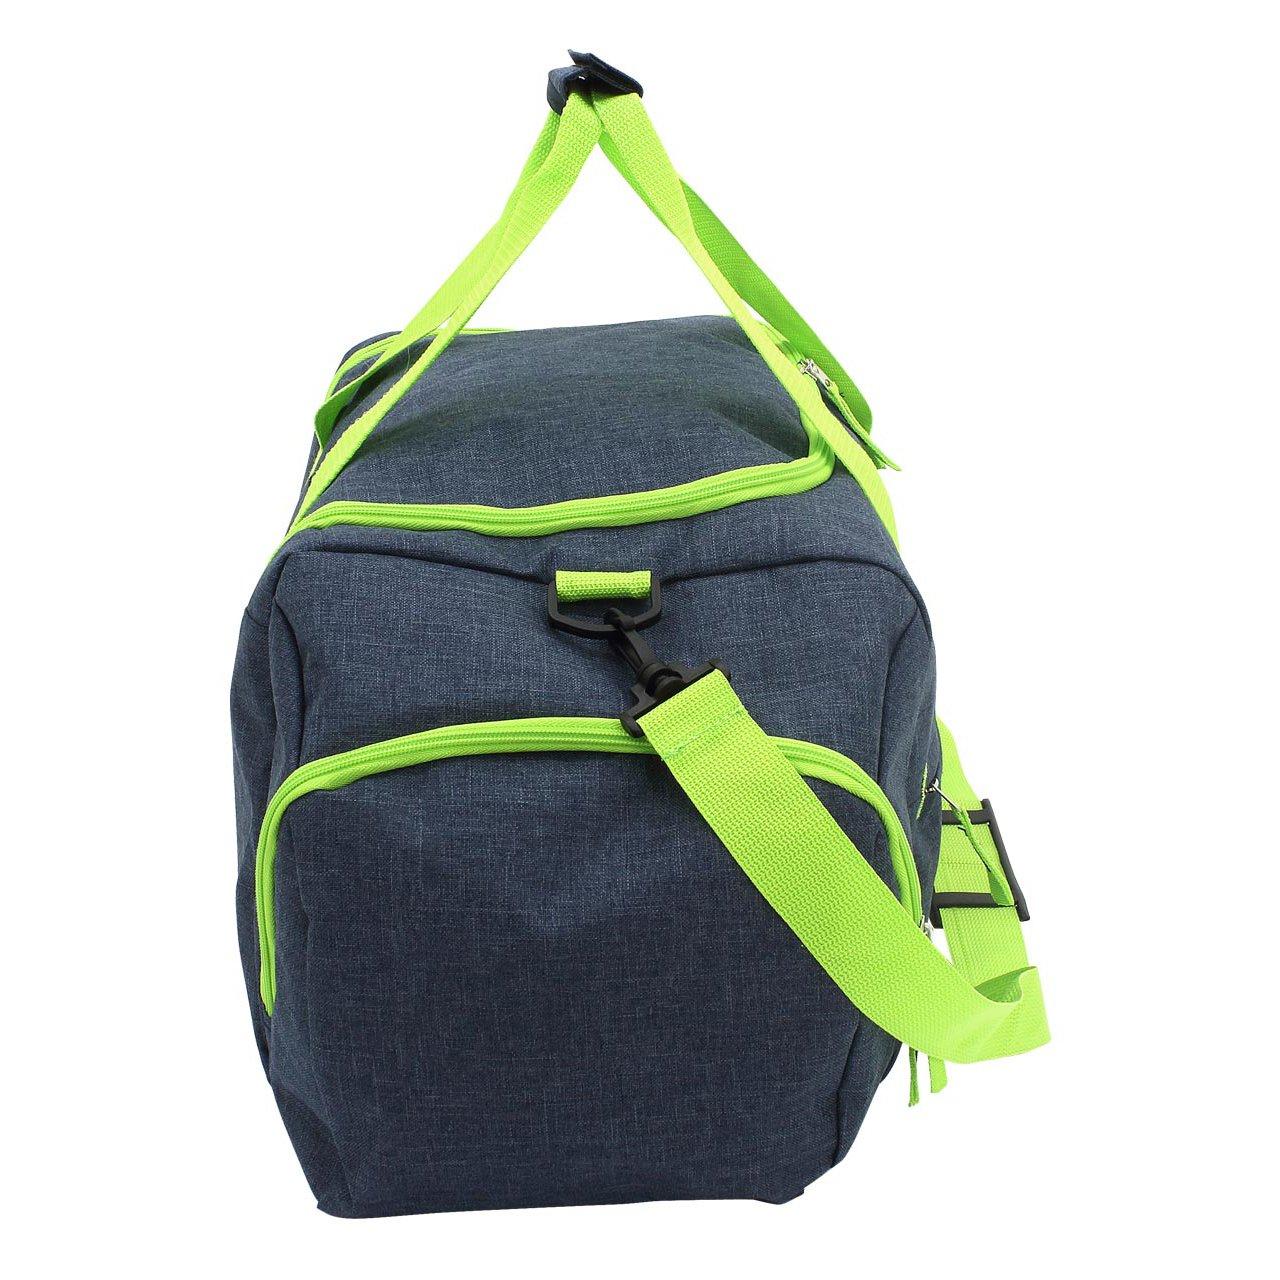 23 Sac de voyage, Gris/turquoise (multicolore) - 30033-9